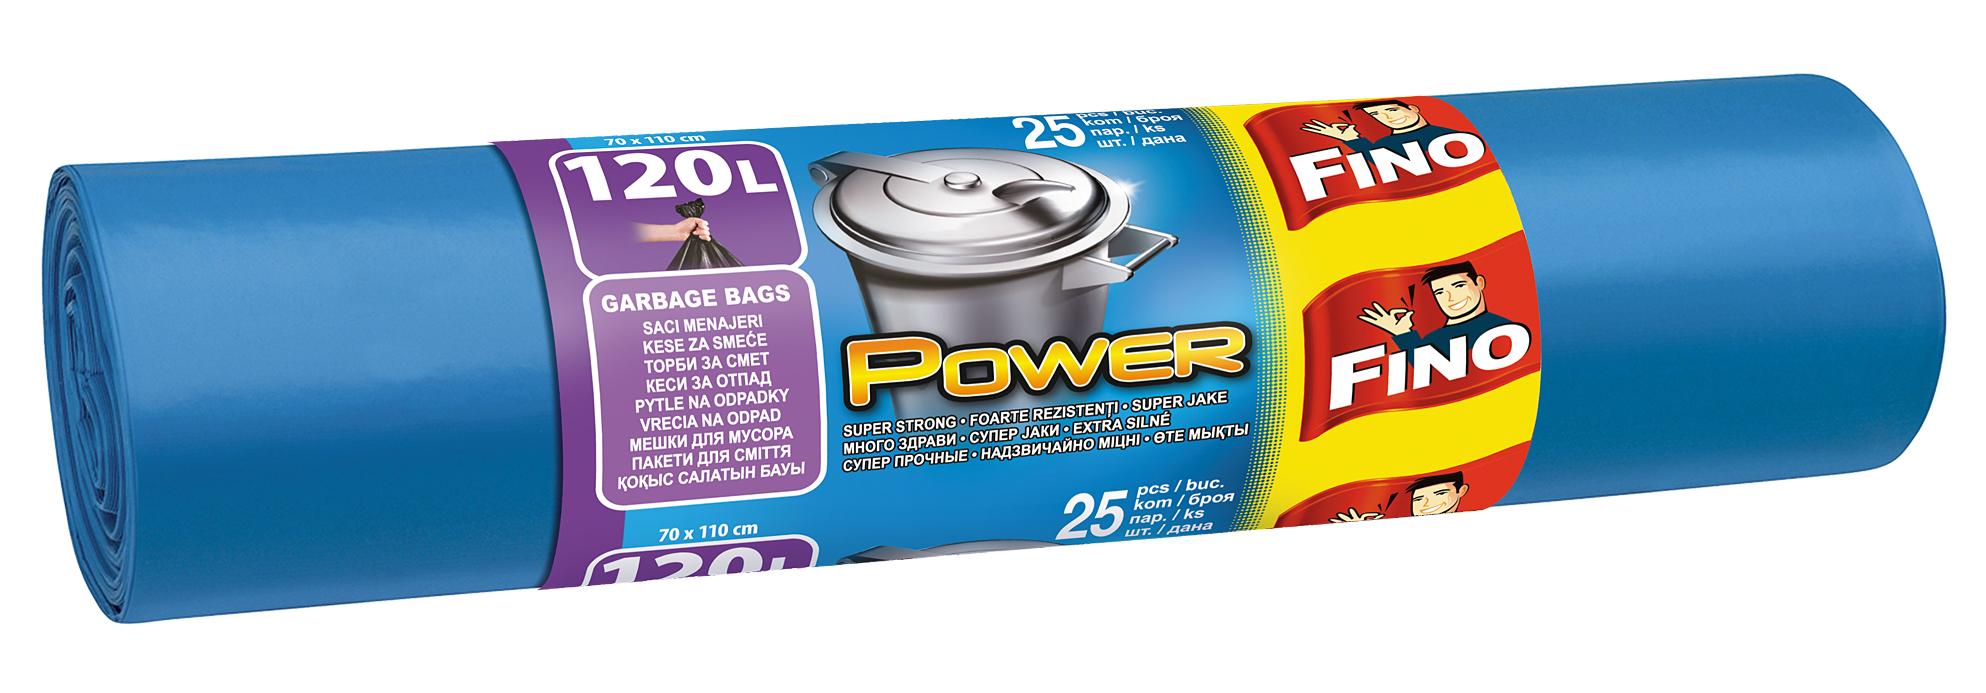 Fotografie Fino Power odpadkové pytle extra silné, 120 l 25 ks